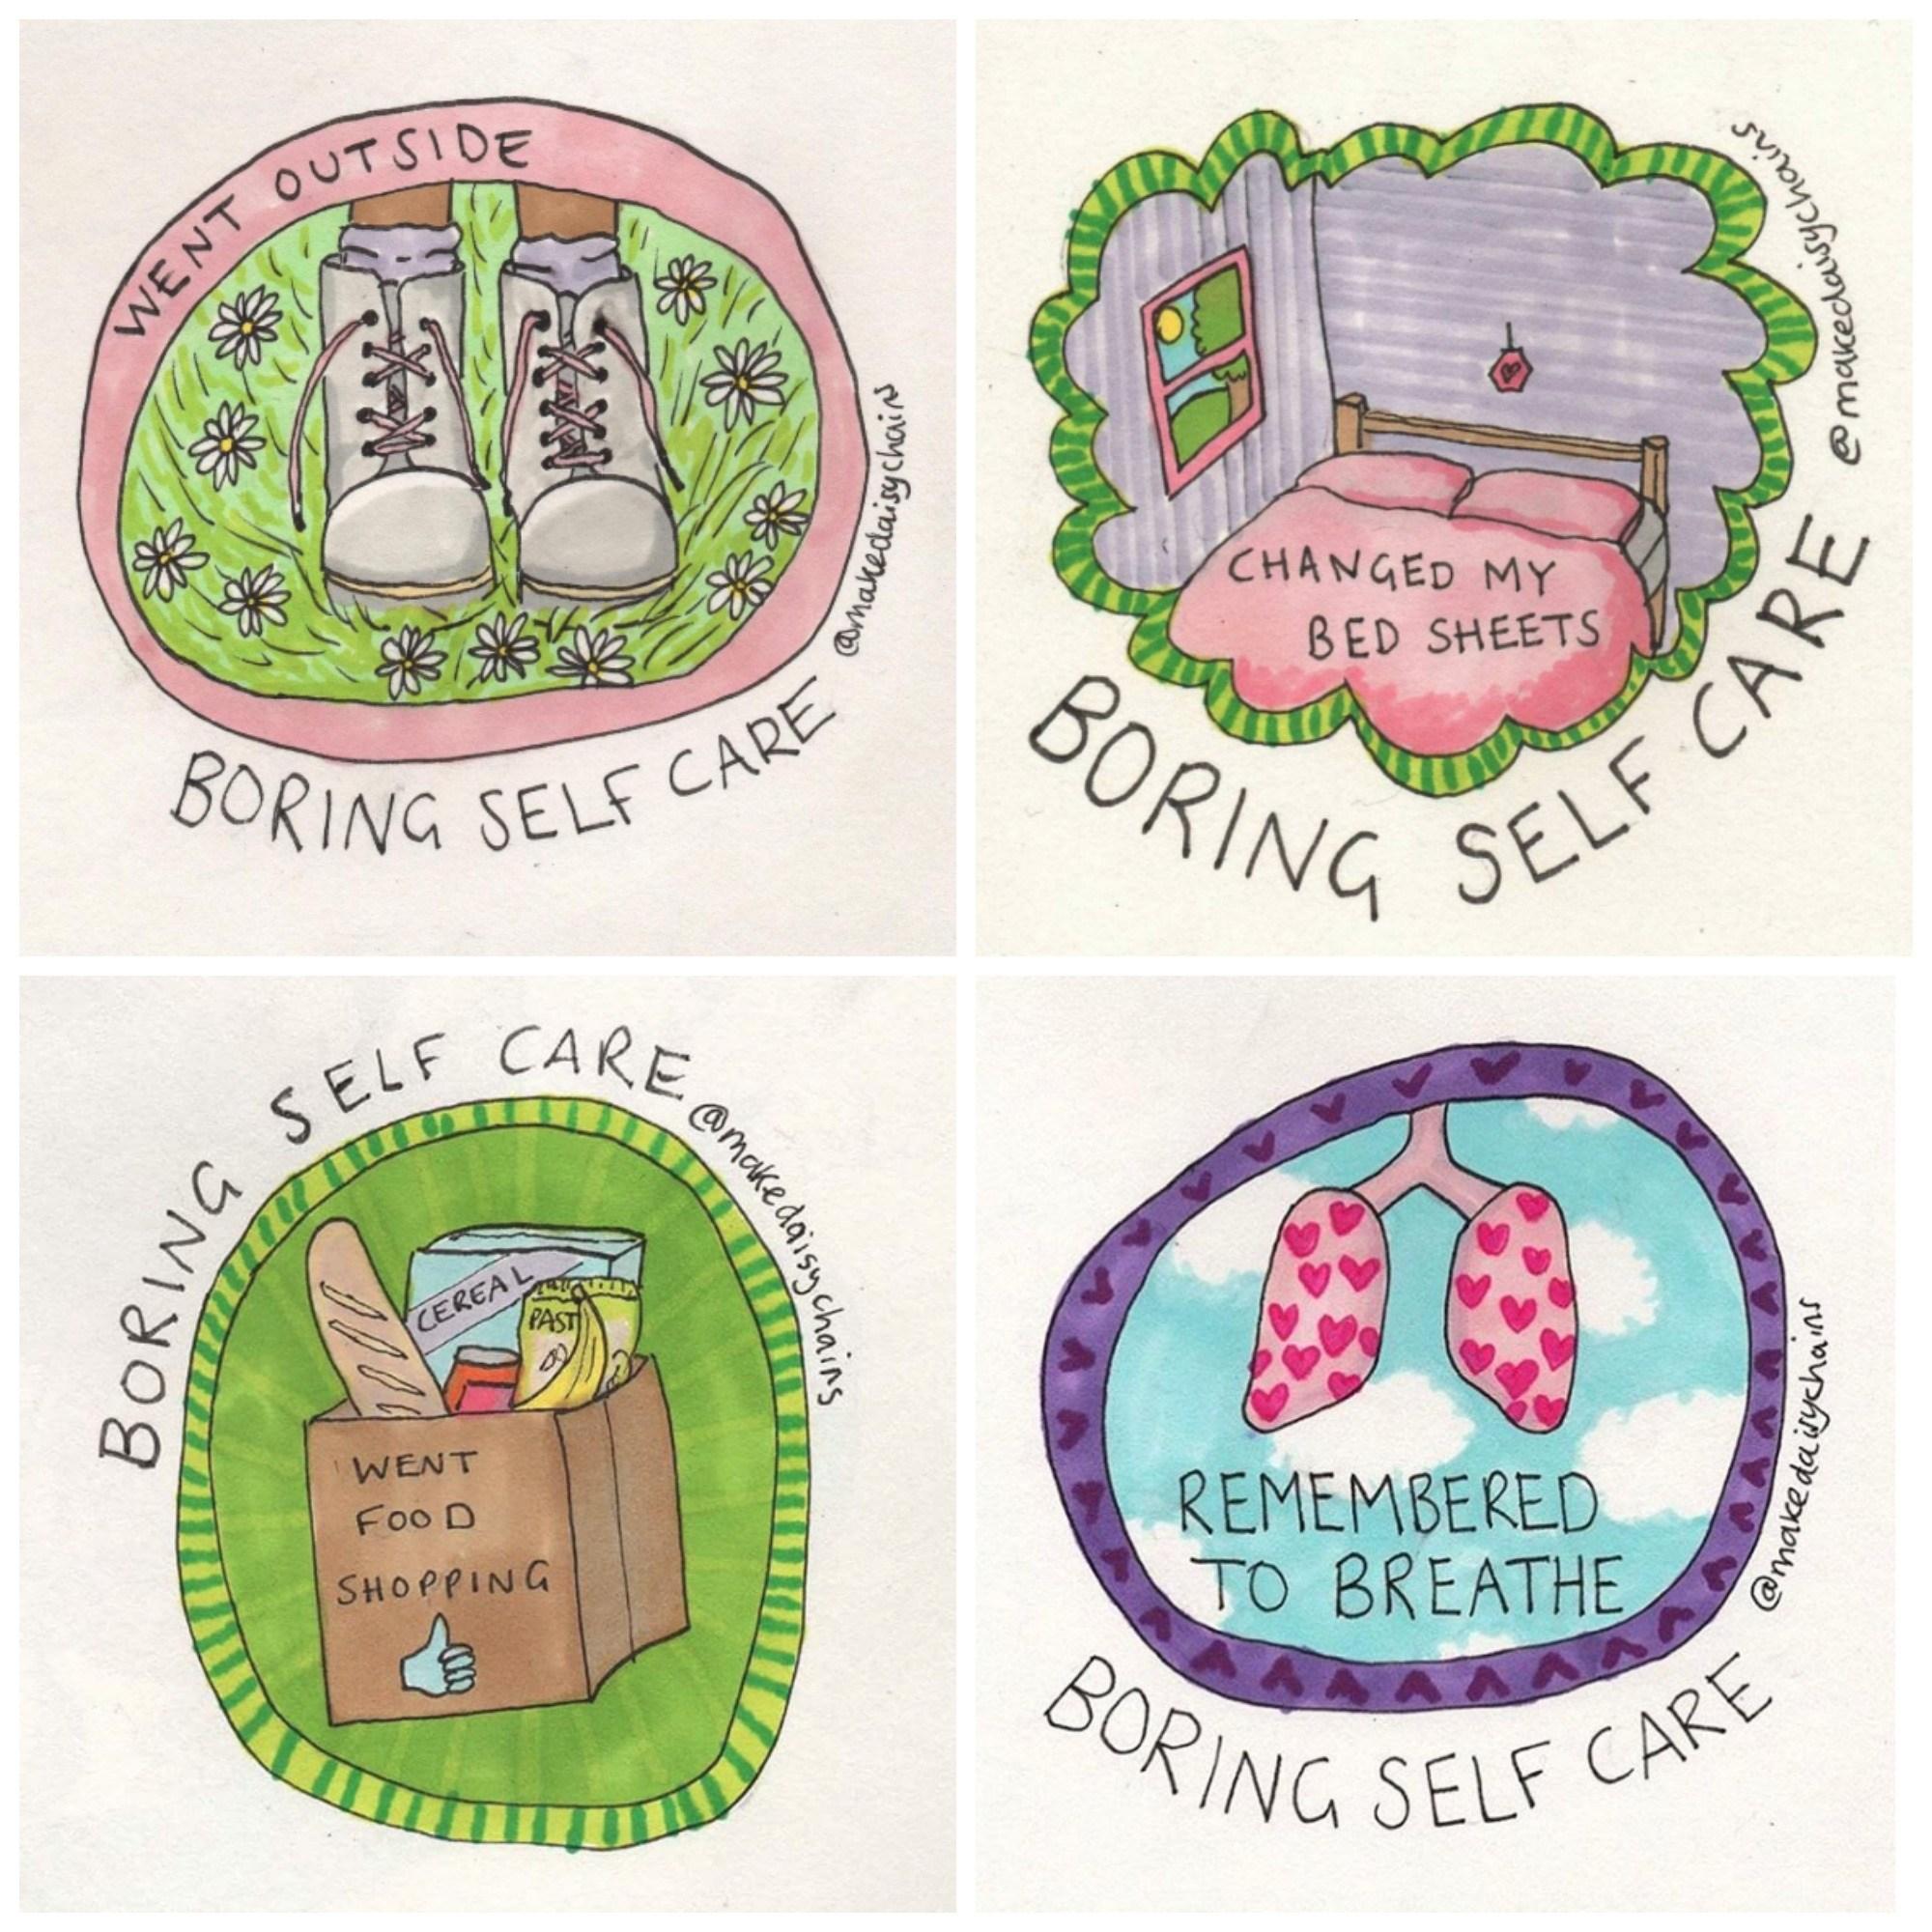 Illustrations by Hannah Daisy: http://www.hannahdaisy.com/